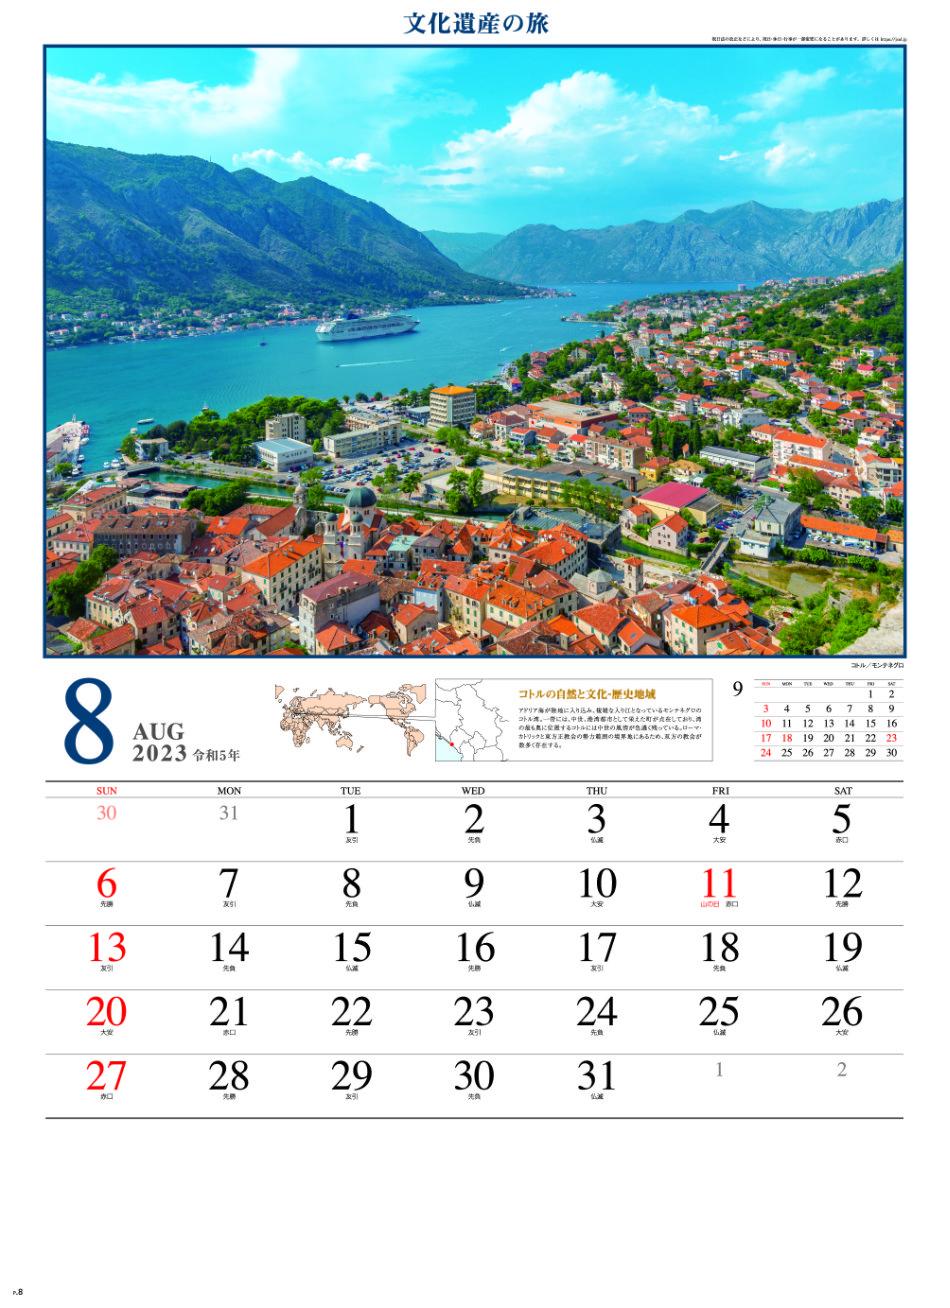 8月 キジ島の木造教会 ロシア 文化遺産の旅(ユネスコ世界遺産) 2022年カレンダーの画像